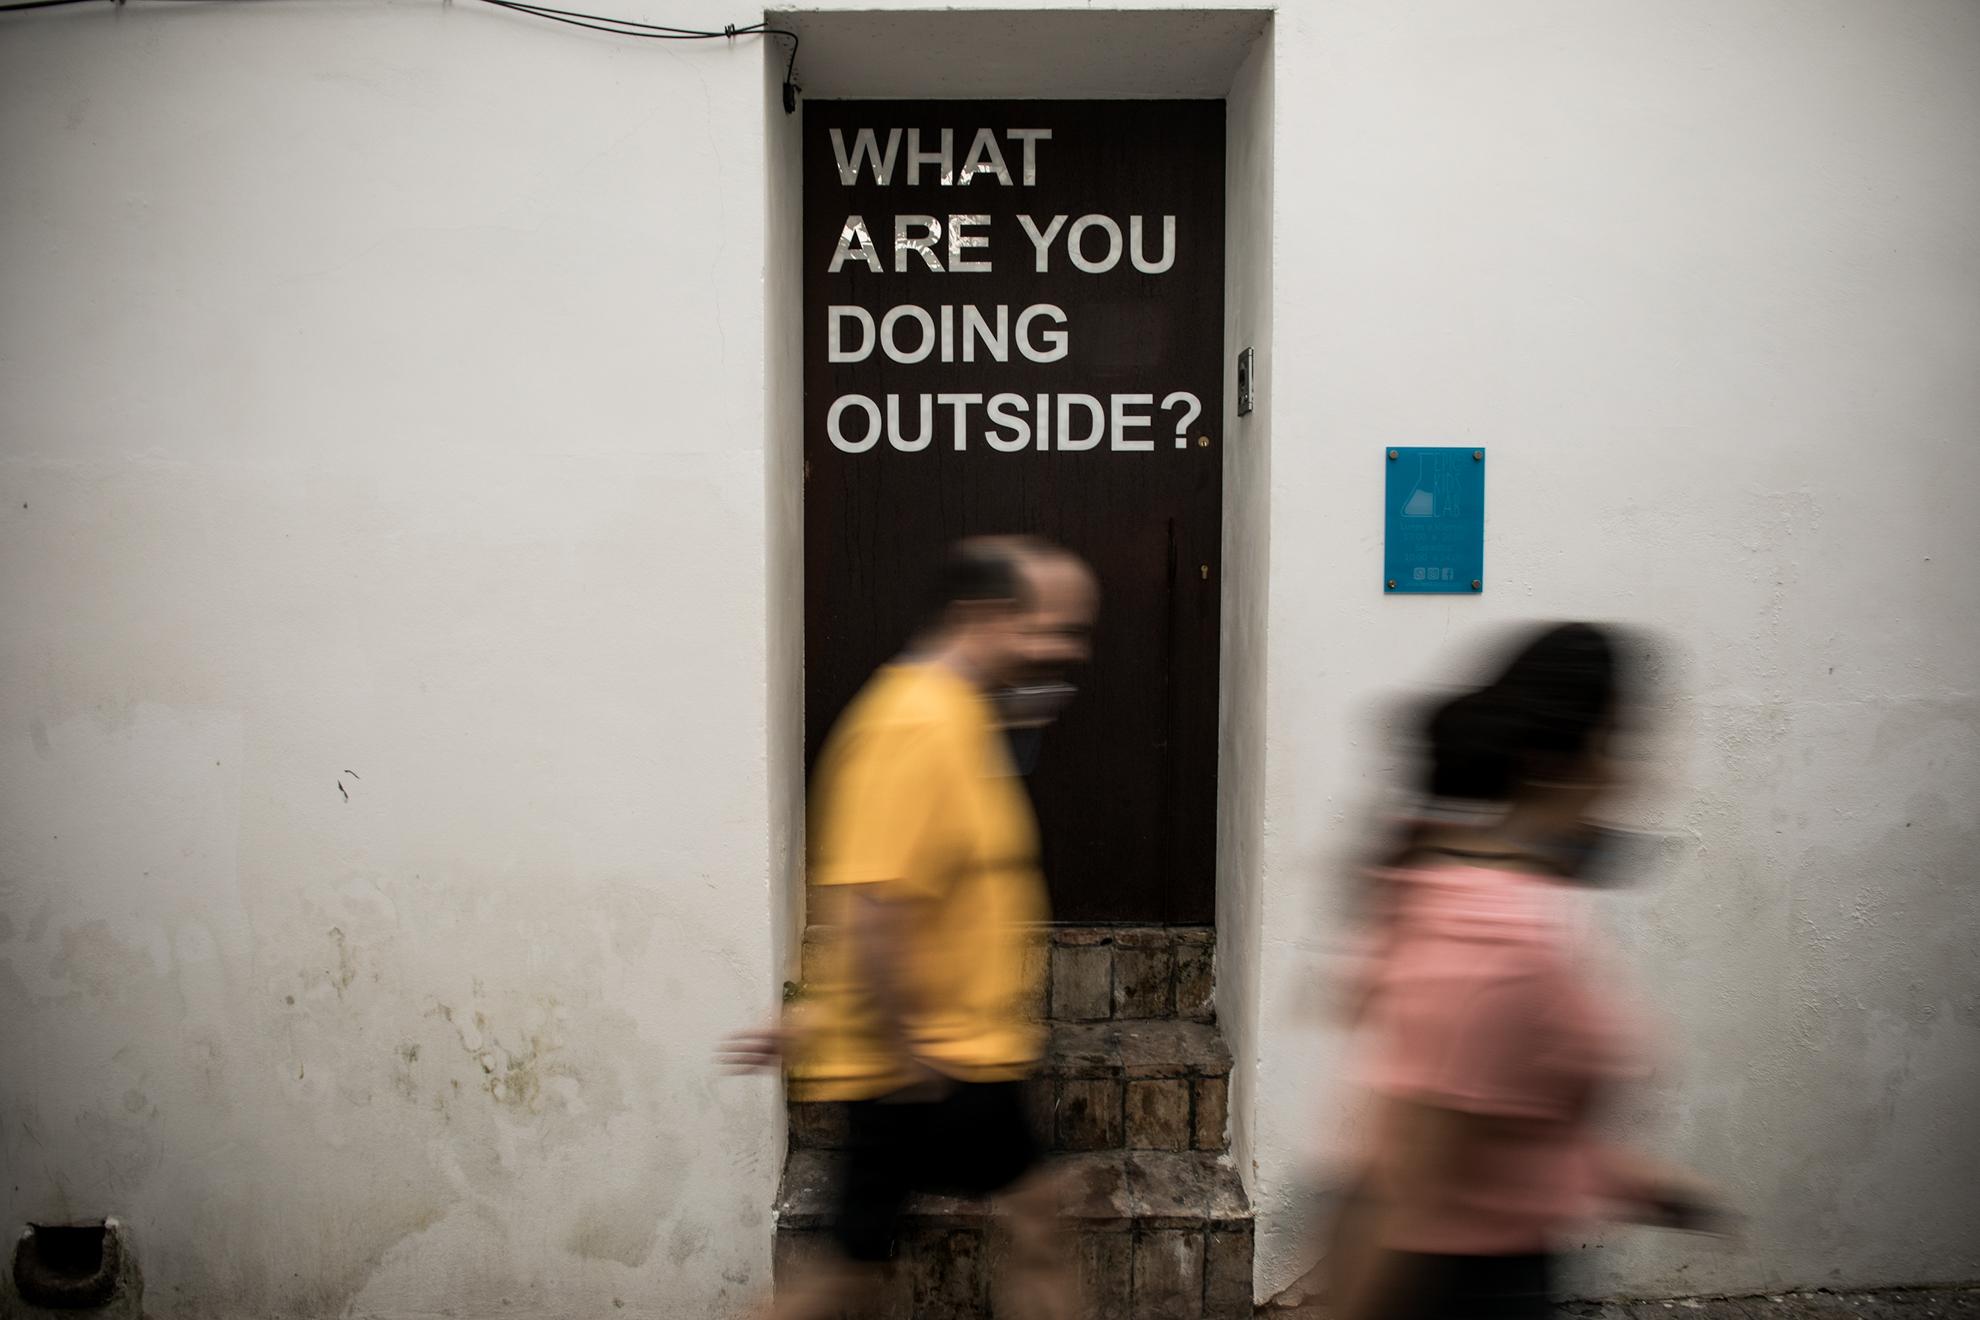 """Ayer fue el primer día de la Fase 1 de desescalada del confinamiento en España a causa de la pandemia por COVID-19 y sorprenden escenas como aglomeraciones en terrazas de bar, besos, abrazos... En la imagen: la leyenda """"¿Qué haces fuera?"""" luce en la puerta de una guardería en Jerez."""